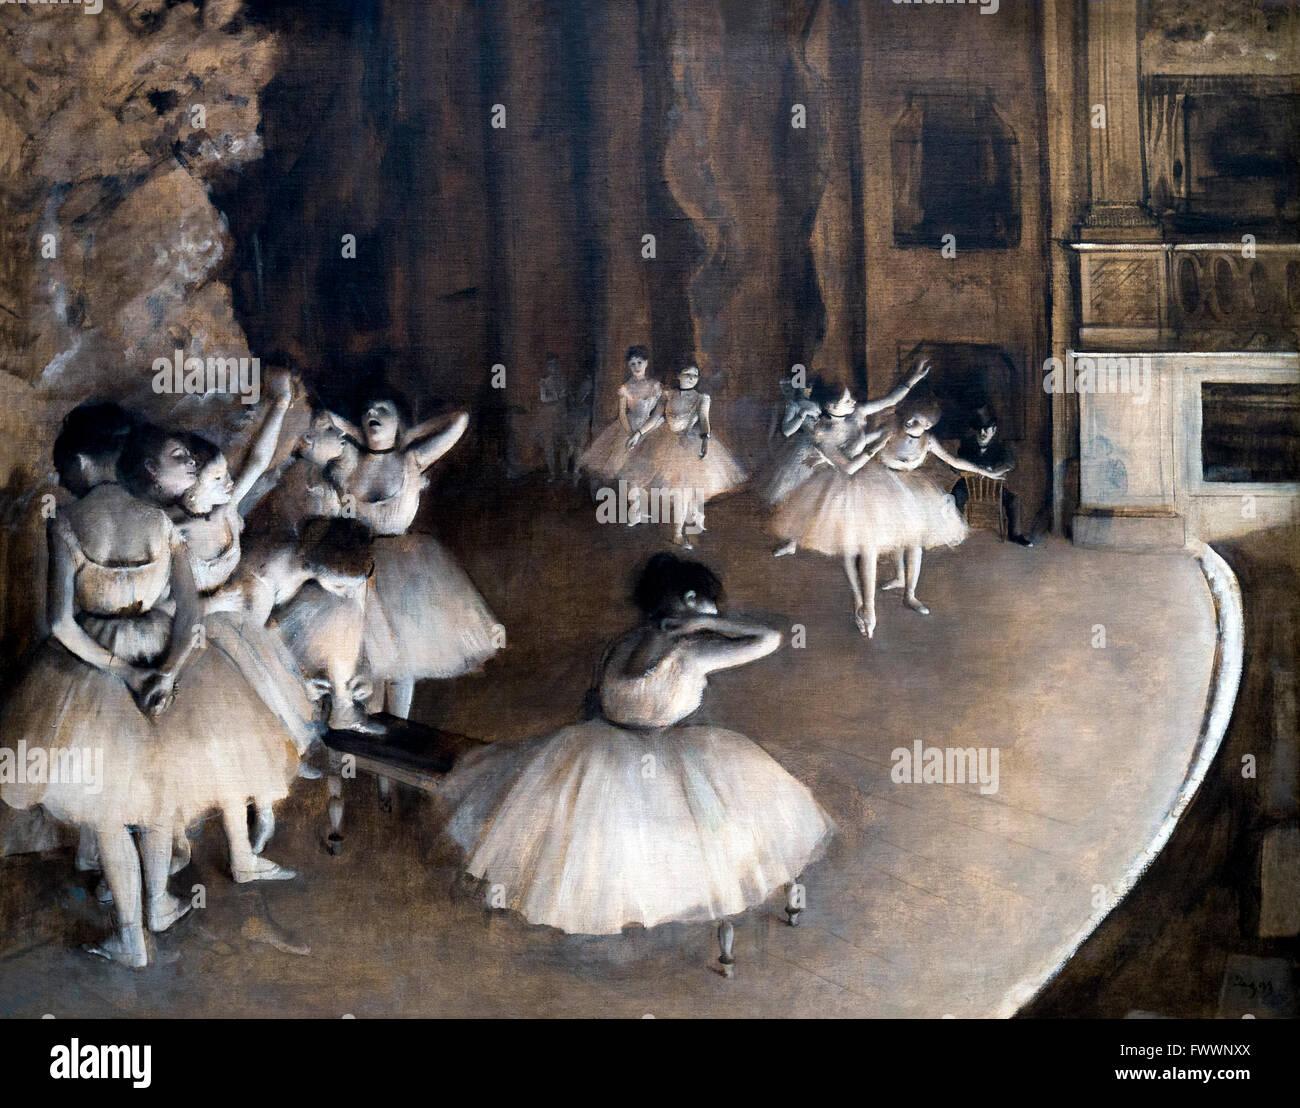 Répétition du ballet sur scène, la répétition d'un ballet sur la scène, par Edgar Photo Stock